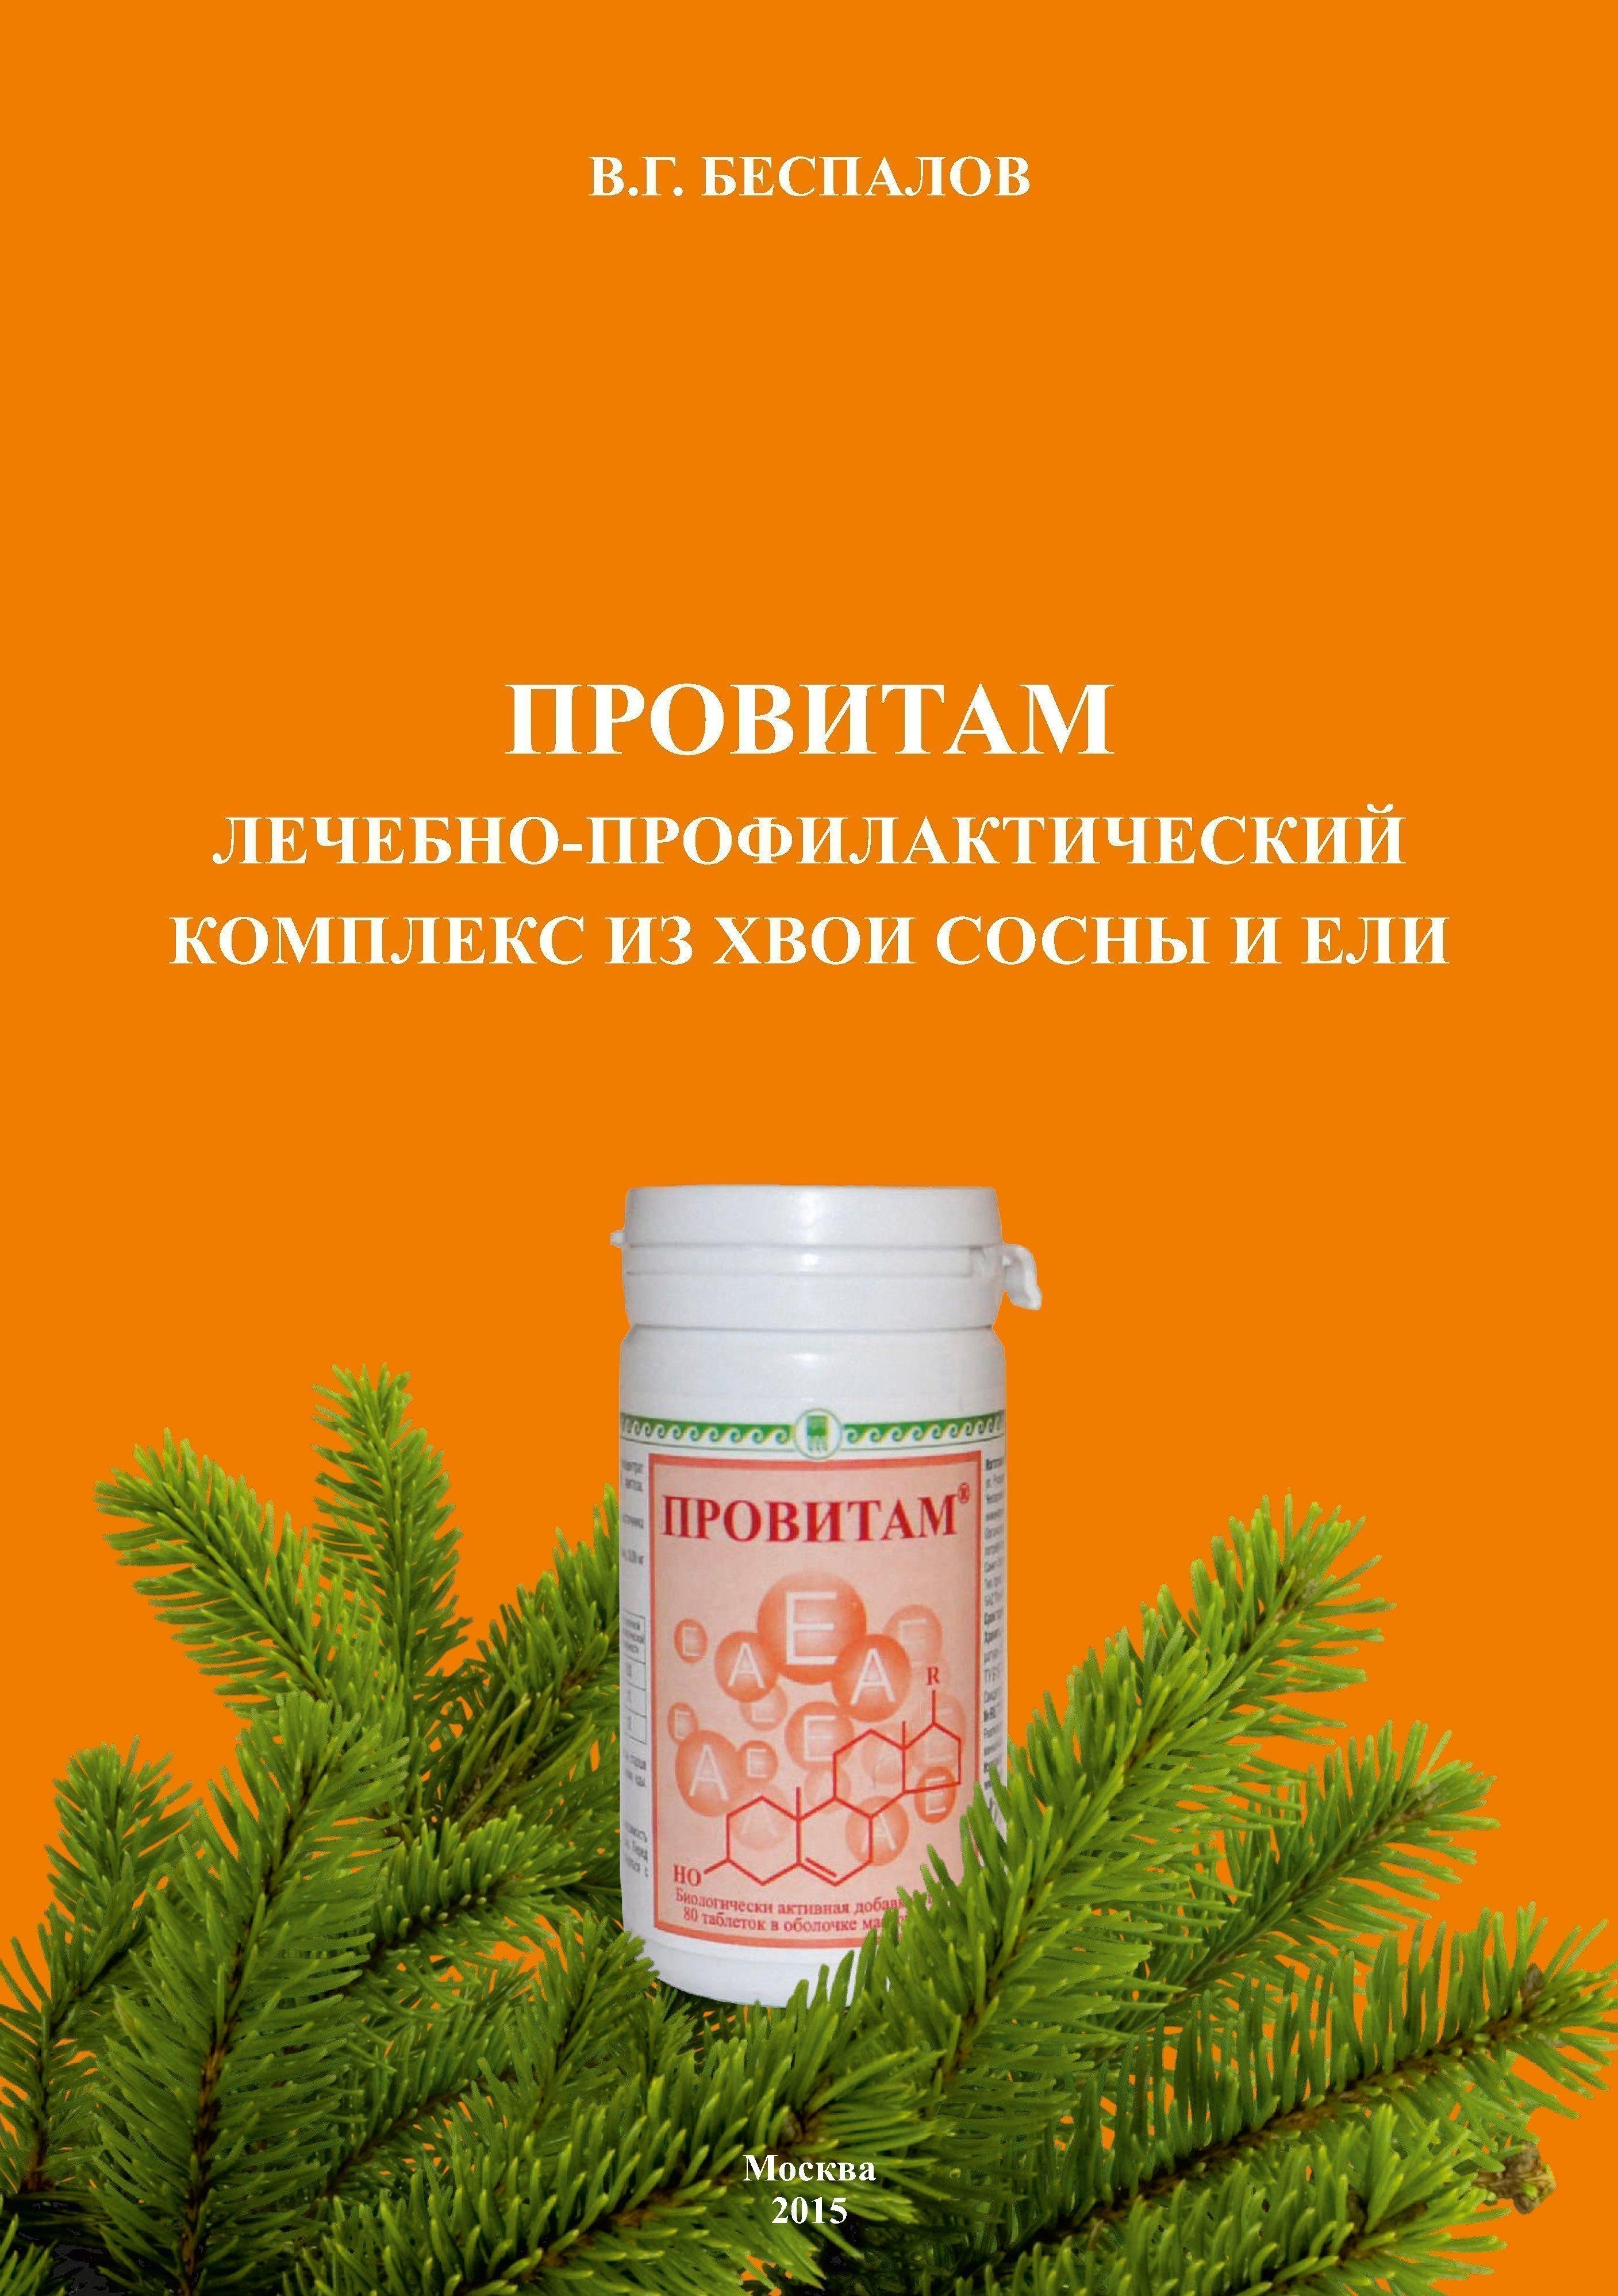 Провитам - лечебно-профилактический комплекс из хвои сосны и ели